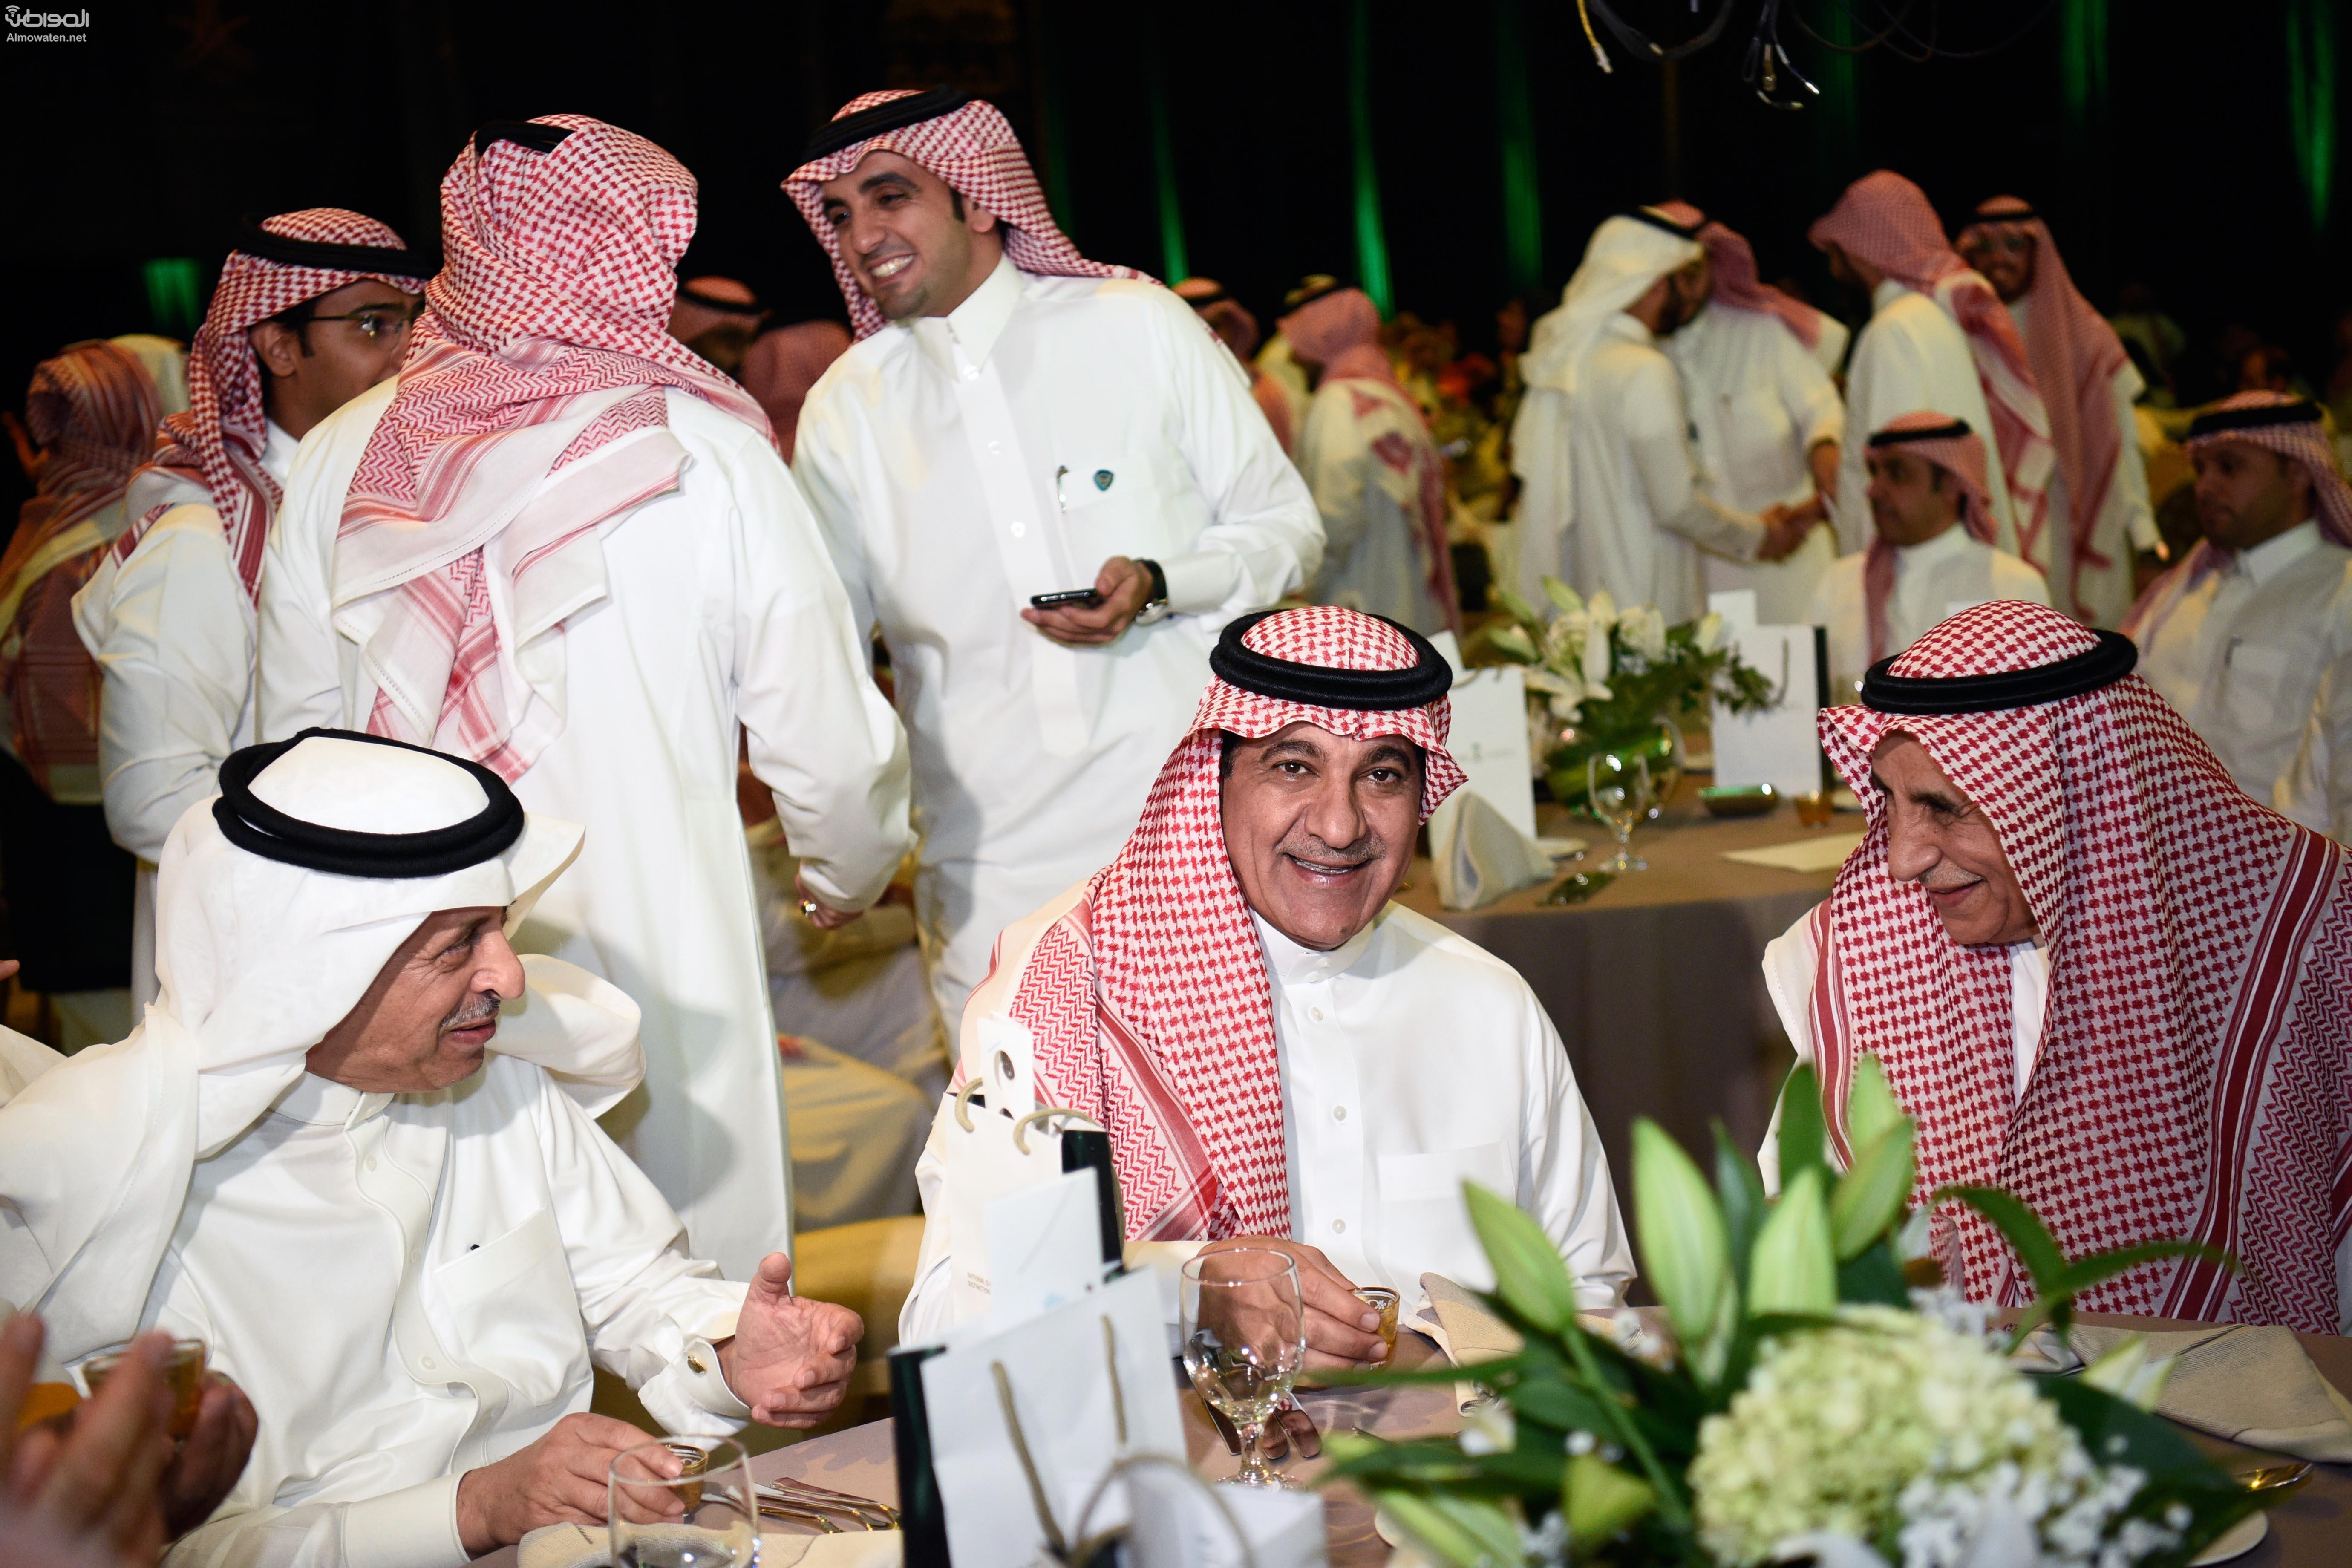 في حضرة الوزير الشبانة .. الإعلام تحتفي بالرموز وتكرم المتميزين في يوم الوطن - المواطن